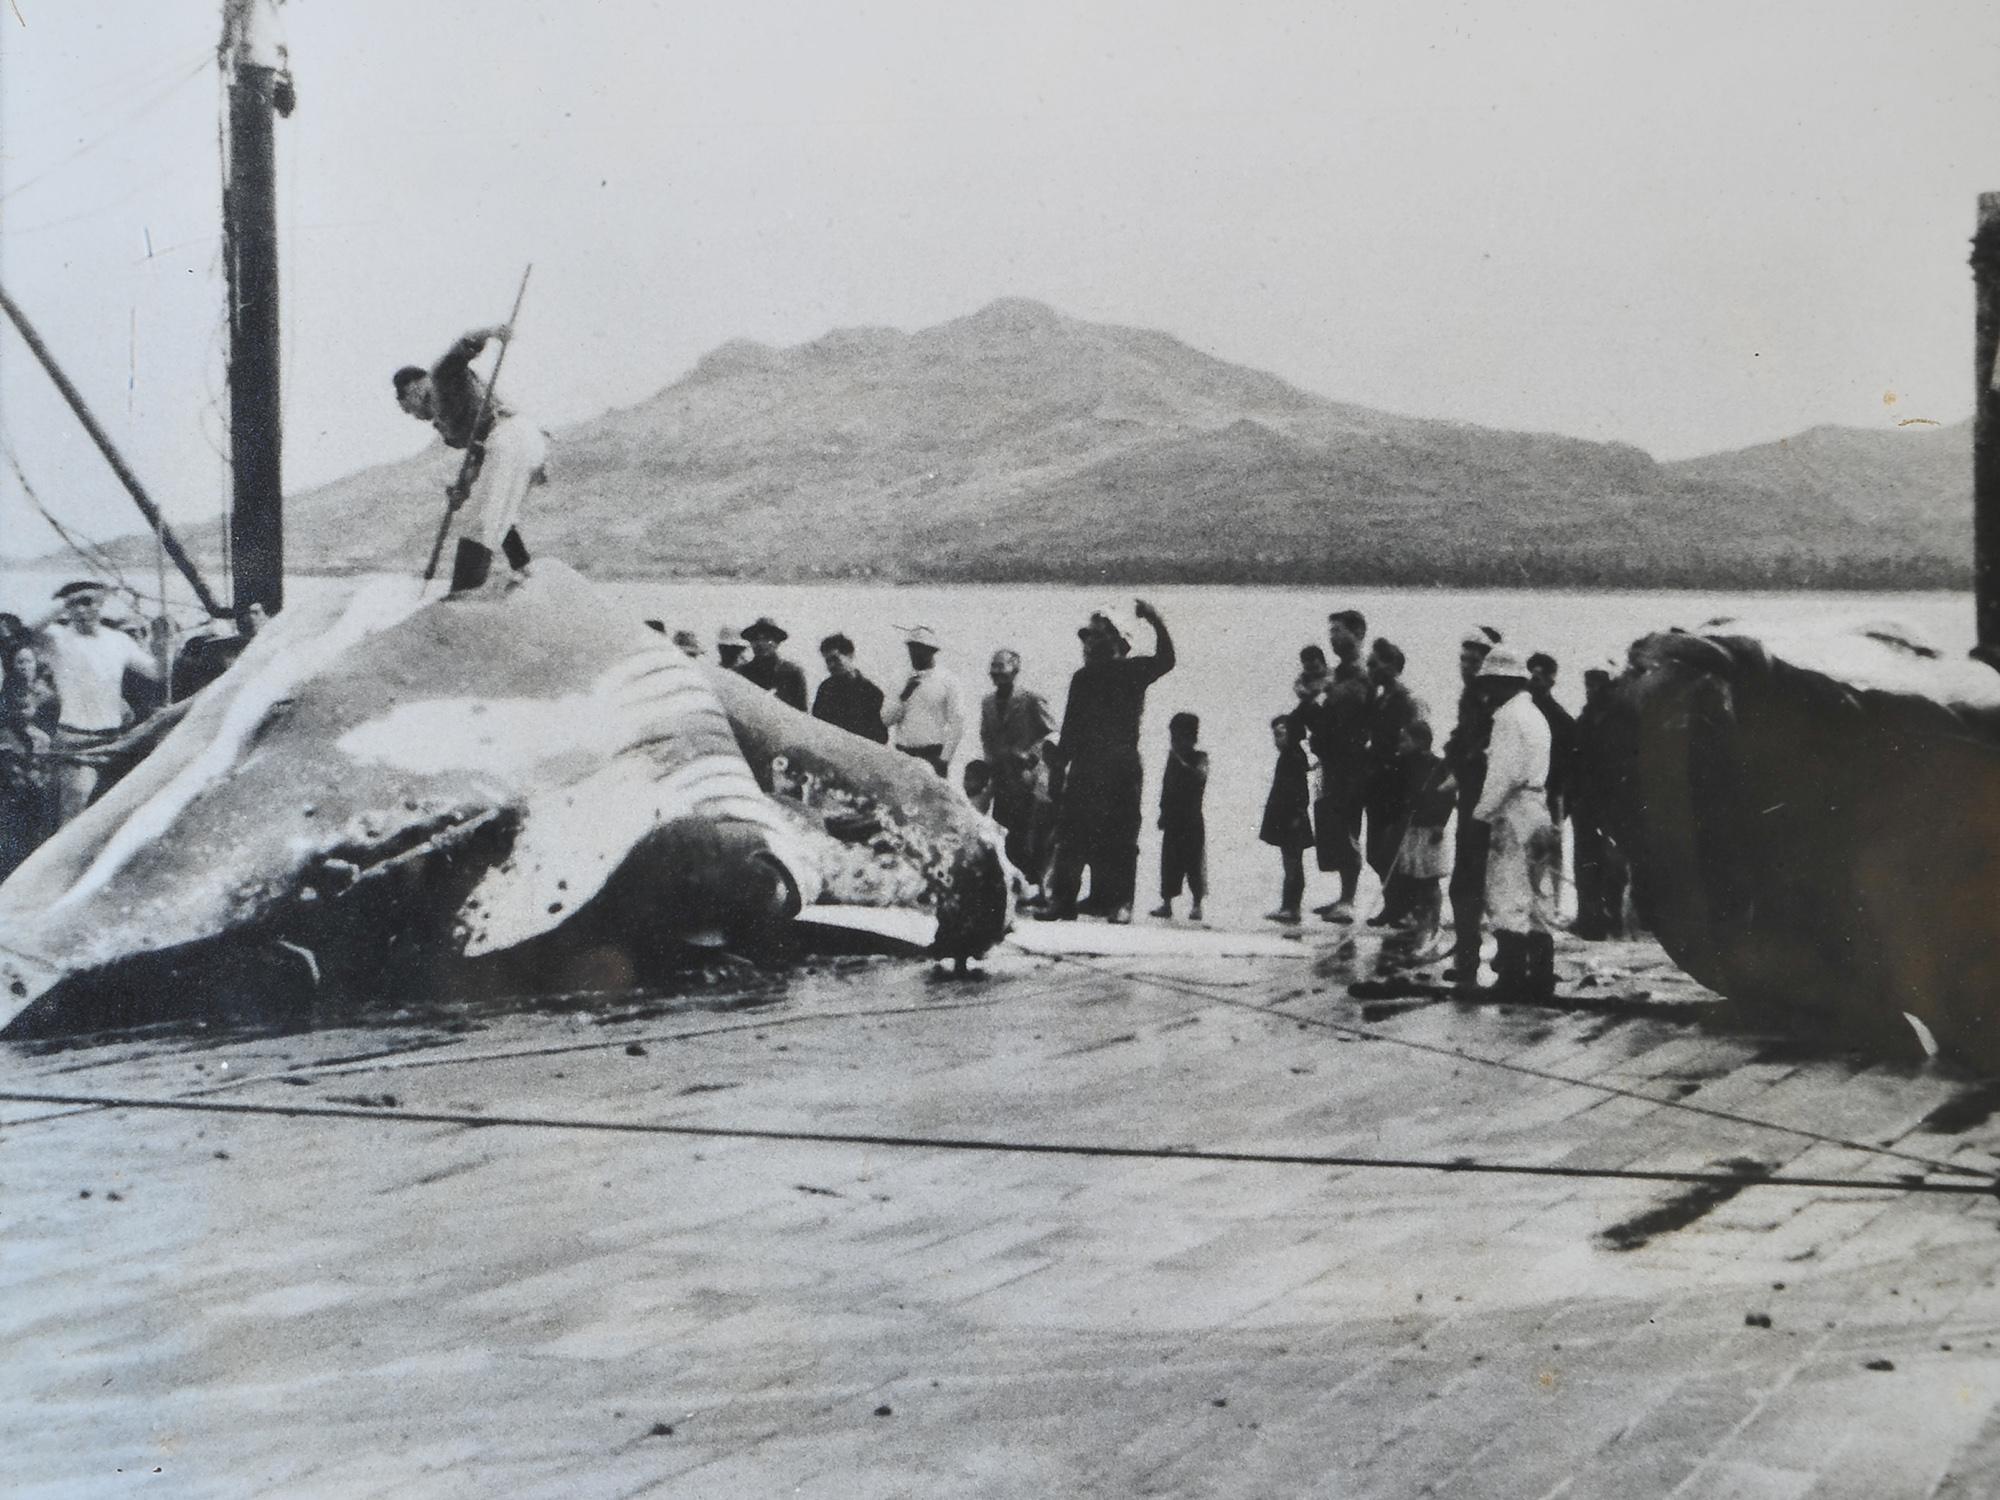 『クジラ漁』の一大基地だった津波古・馬天港 / 旧佐敷町津波古(その2)|おきなわアーカイブ